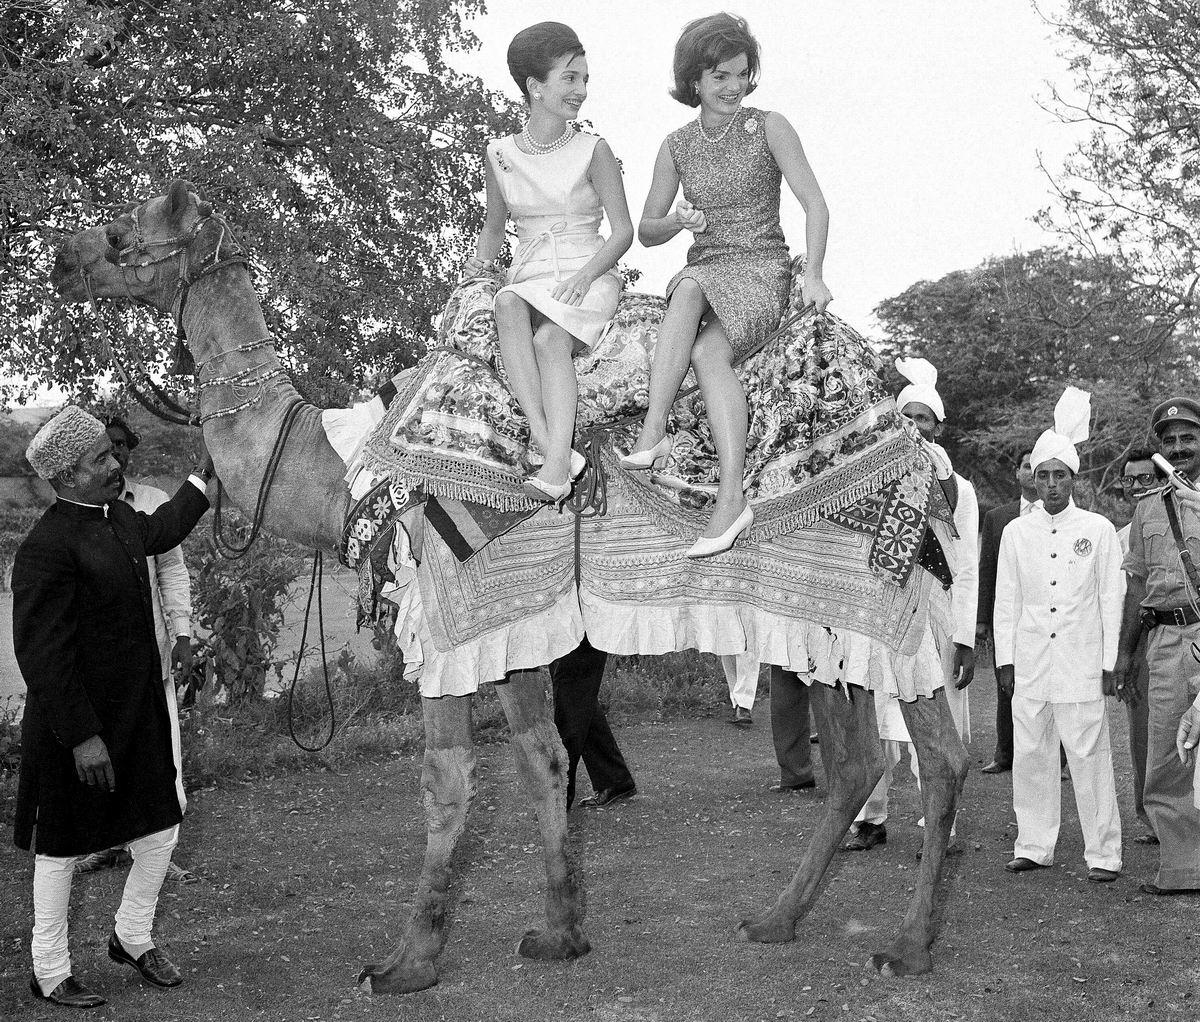 Настоящие леди предпочитают ездить на верблюдах: Жаклин Кеннеди со своей сестрой (1962 год)